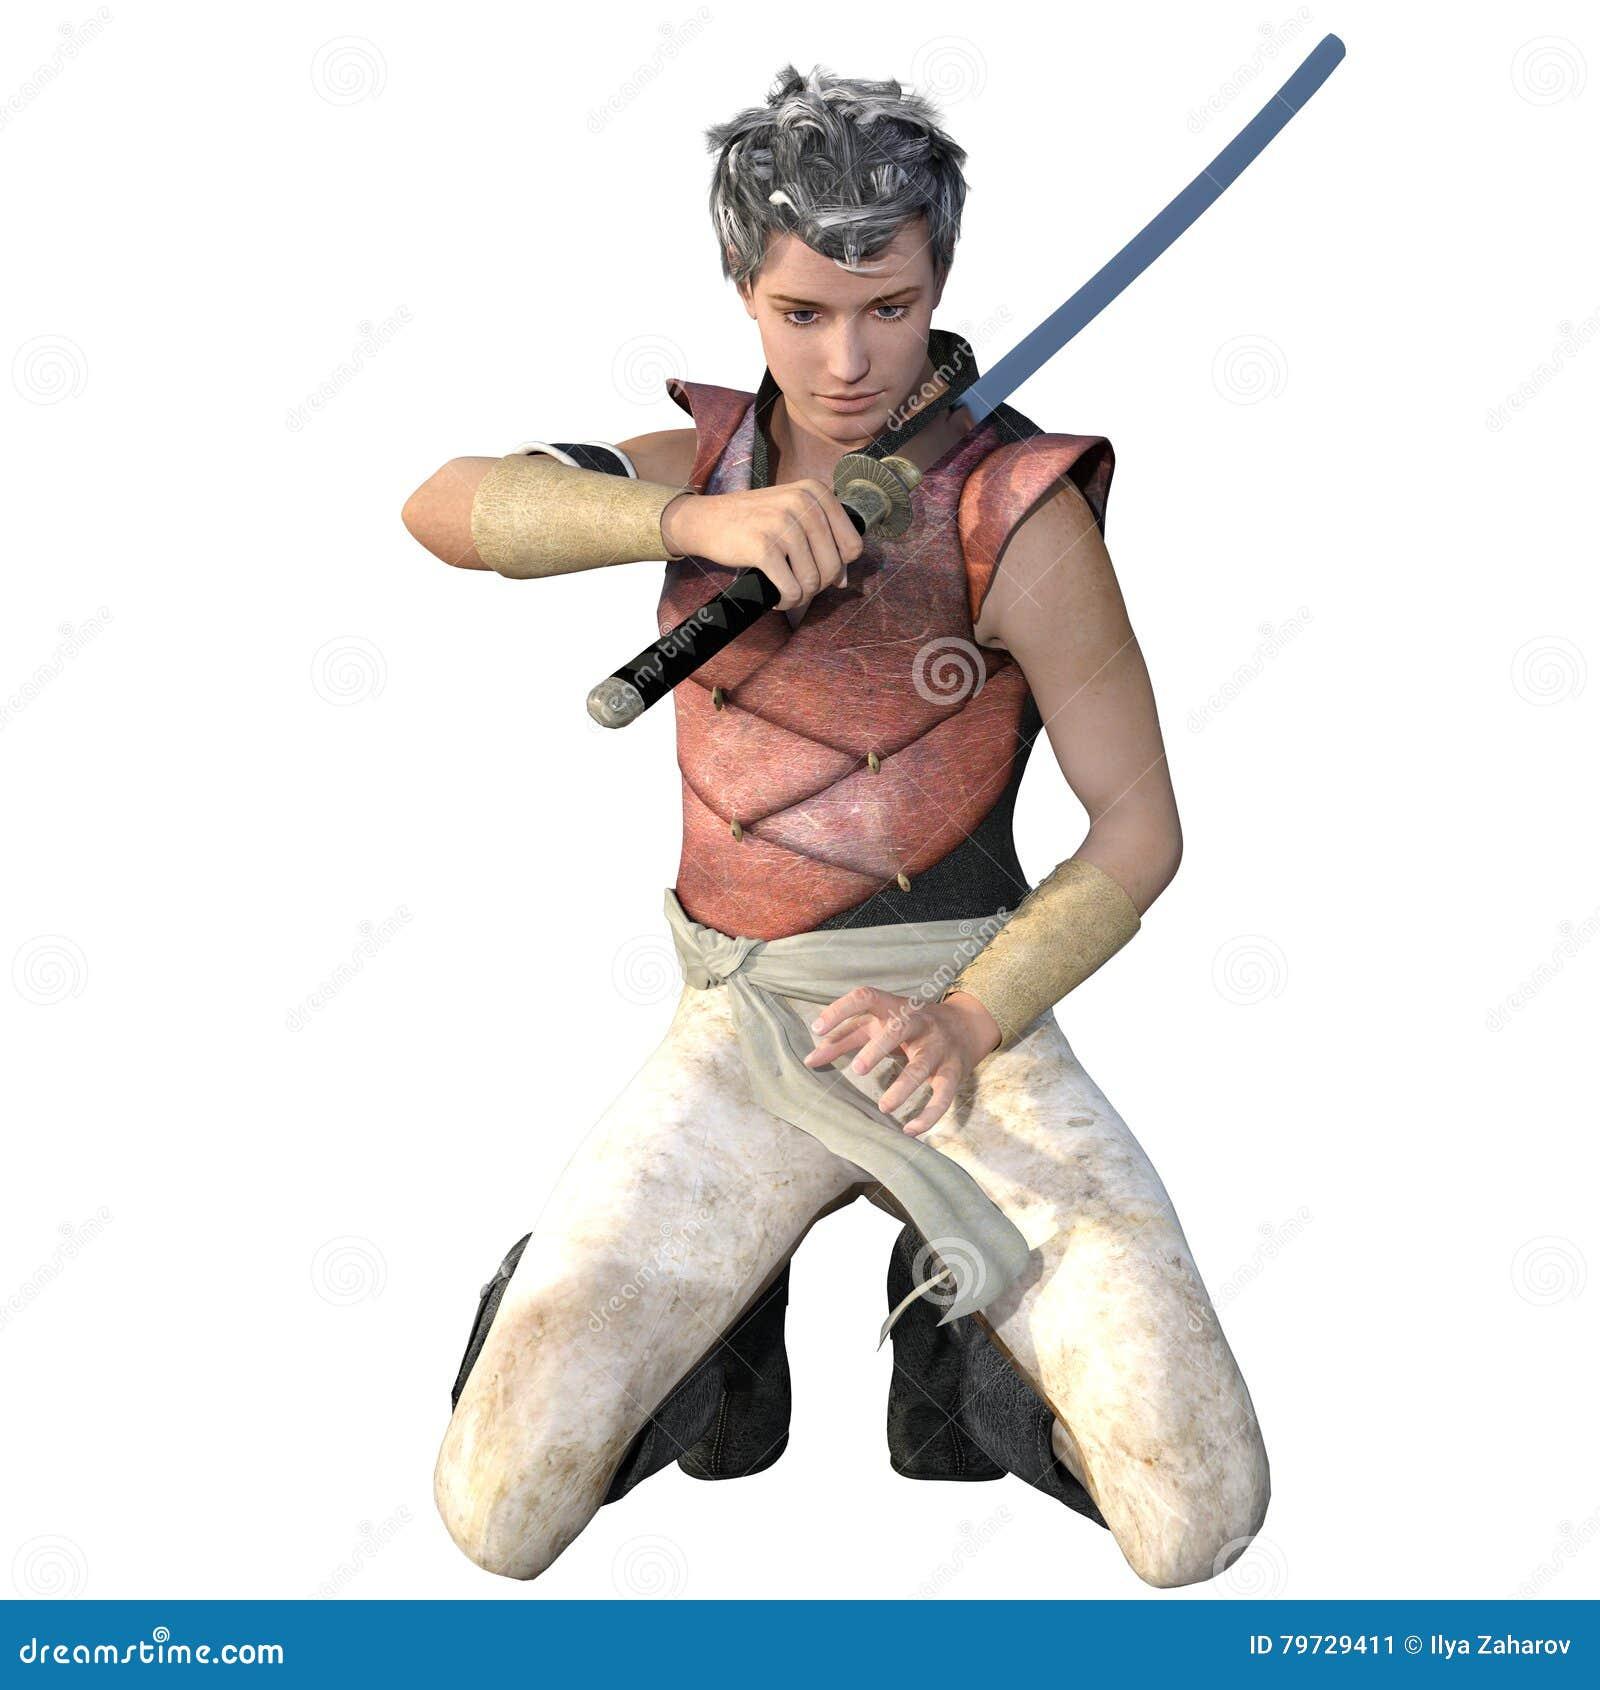 Un guerrero a partir de un rato antiguo en armadura ligera con una espada